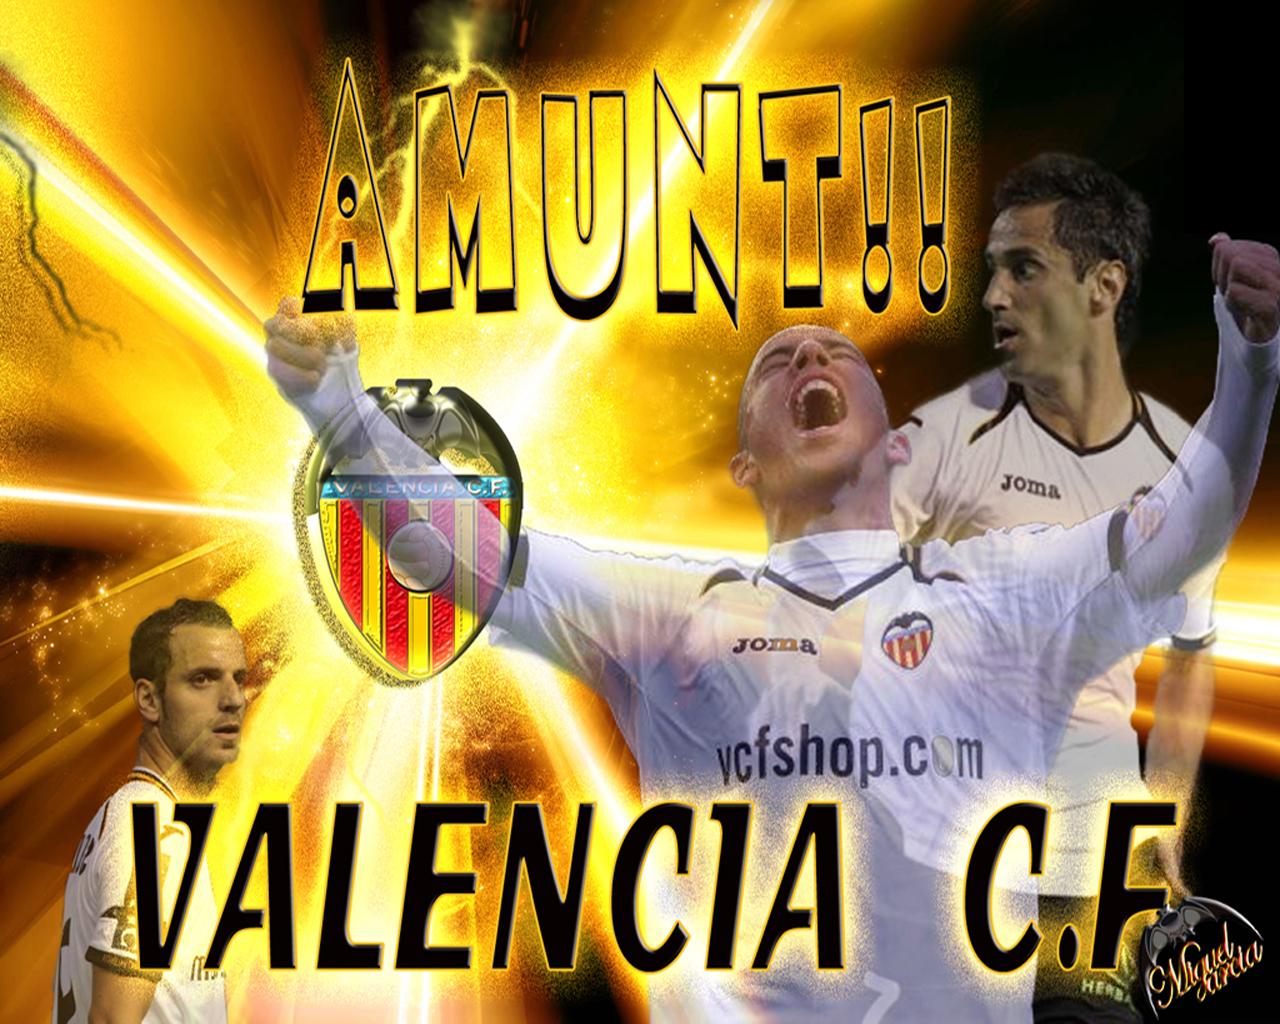 http://2.bp.blogspot.com/-N_ZSVc3j8k8/UH_Gzc0YoWI/AAAAAAAAAoU/DFysEmgq8L8/s1600/o_valencia_valencia_cf_wallpapers-5123385.jpg